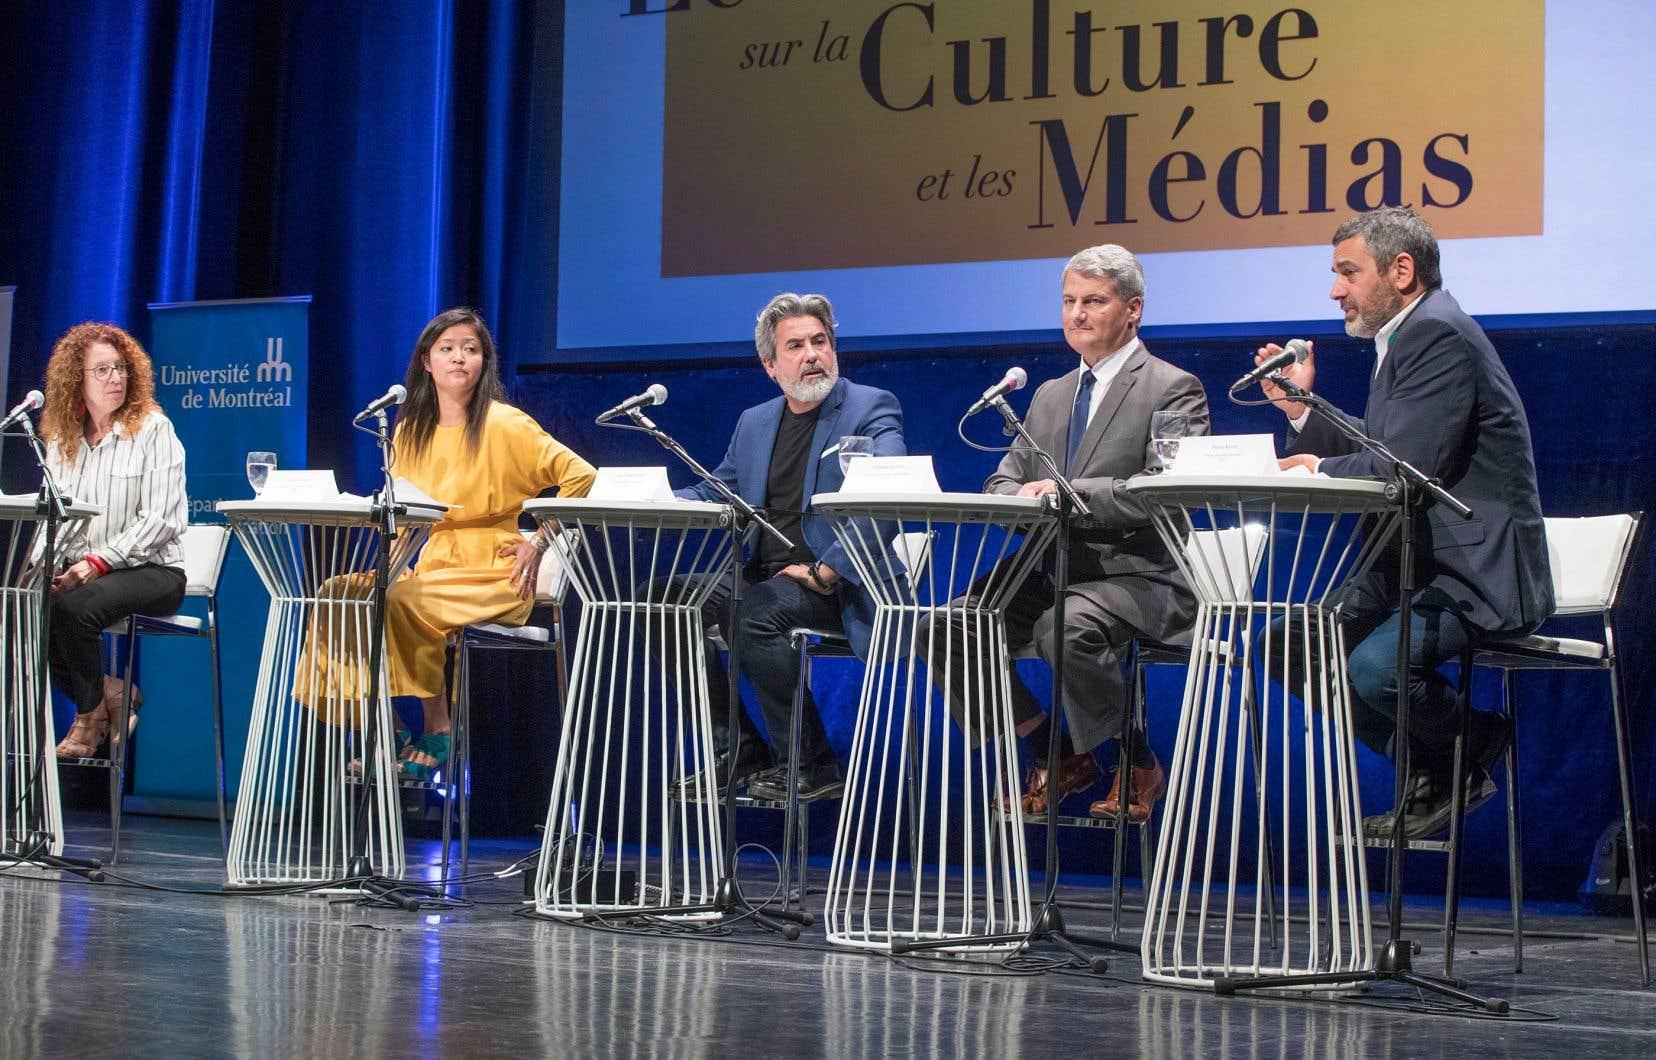 De gauche à droite: Monique Pauzé (Bloc québécois), Chu Ahn Pham (Nouveau Parti démocratique), Pablo Rodriguez (Parti libéral du Canada), Gérard Deltell (Parti conservateur) et Pierre Nantel (Parti vert).